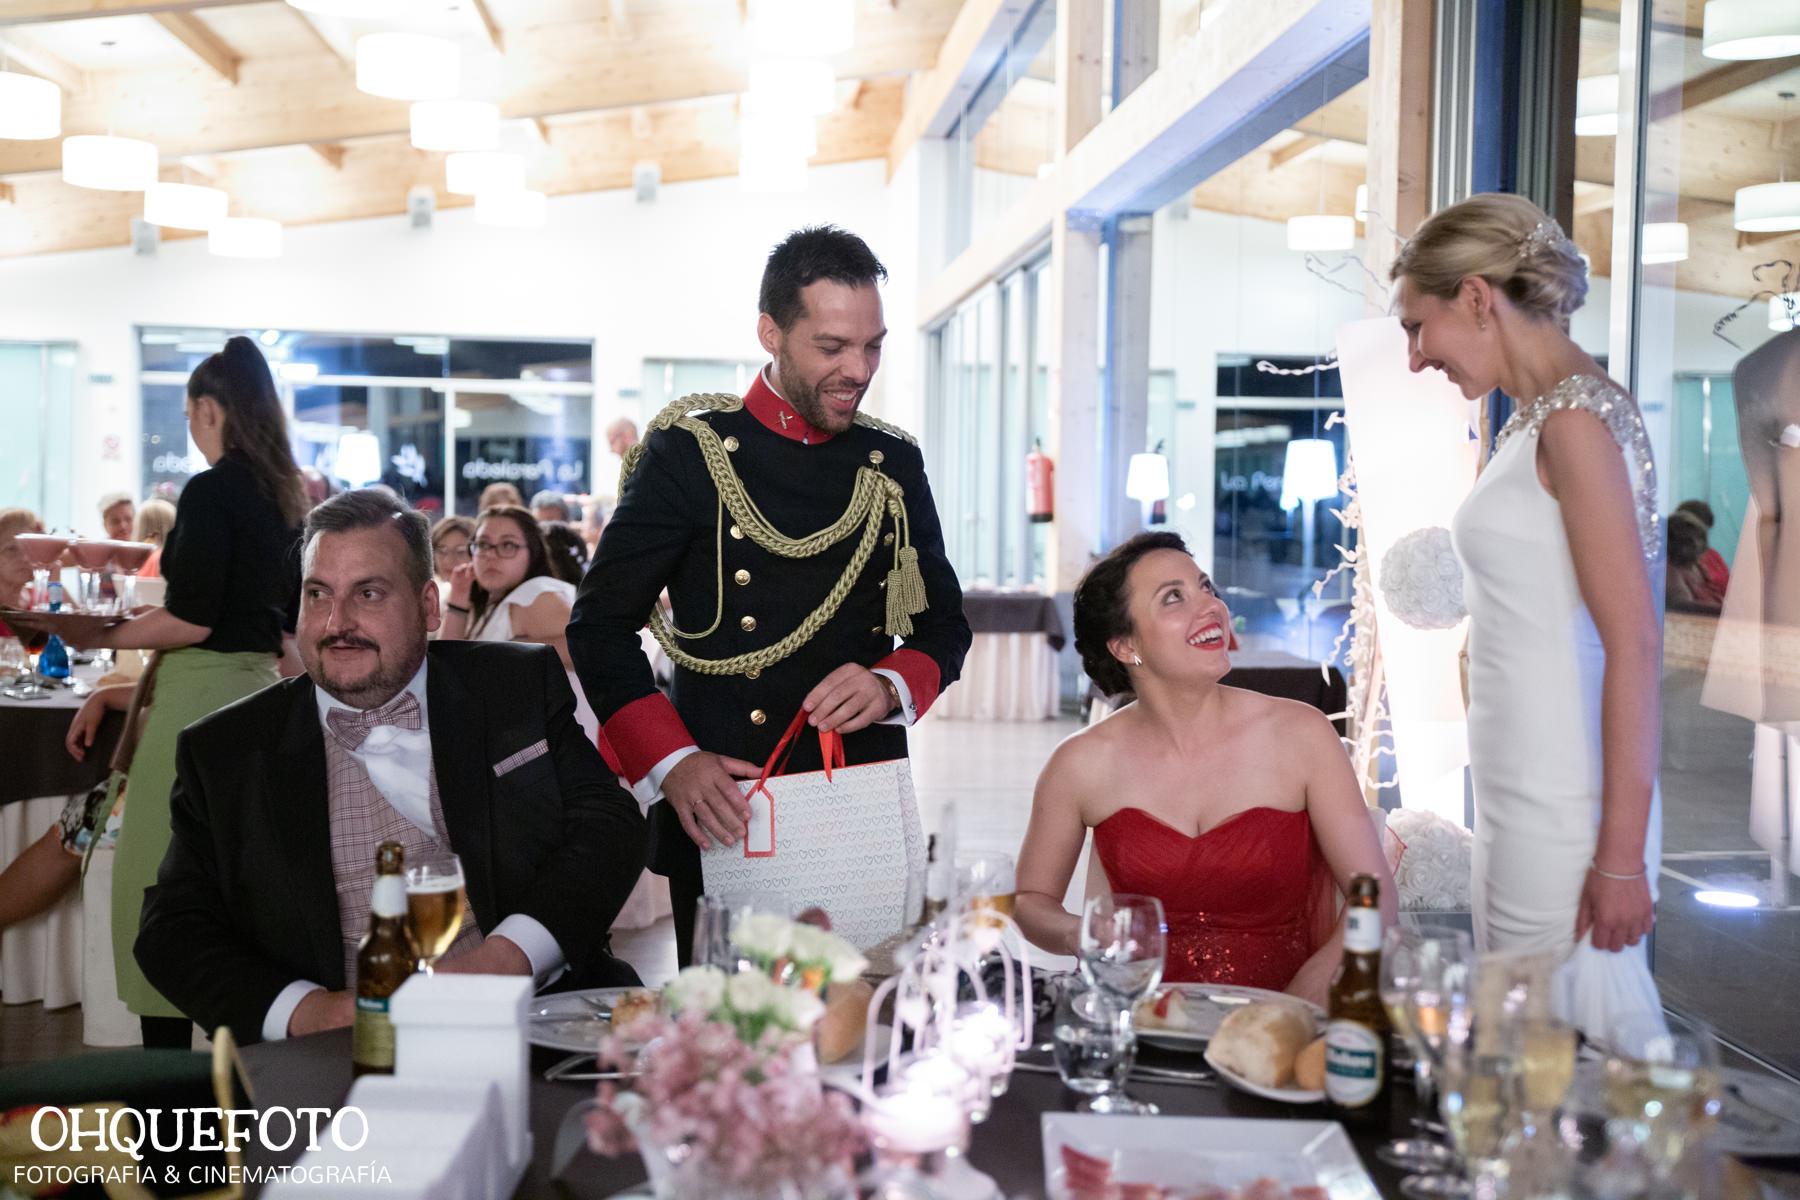 boda en la peraleda boda en cabeza del buey boda en capilla reportaje de bodas en almaden video de bodas en cordoba482 - Jose y Gema - Boda en Zarza Capilla y la Finca La Peraleda (Chillón)